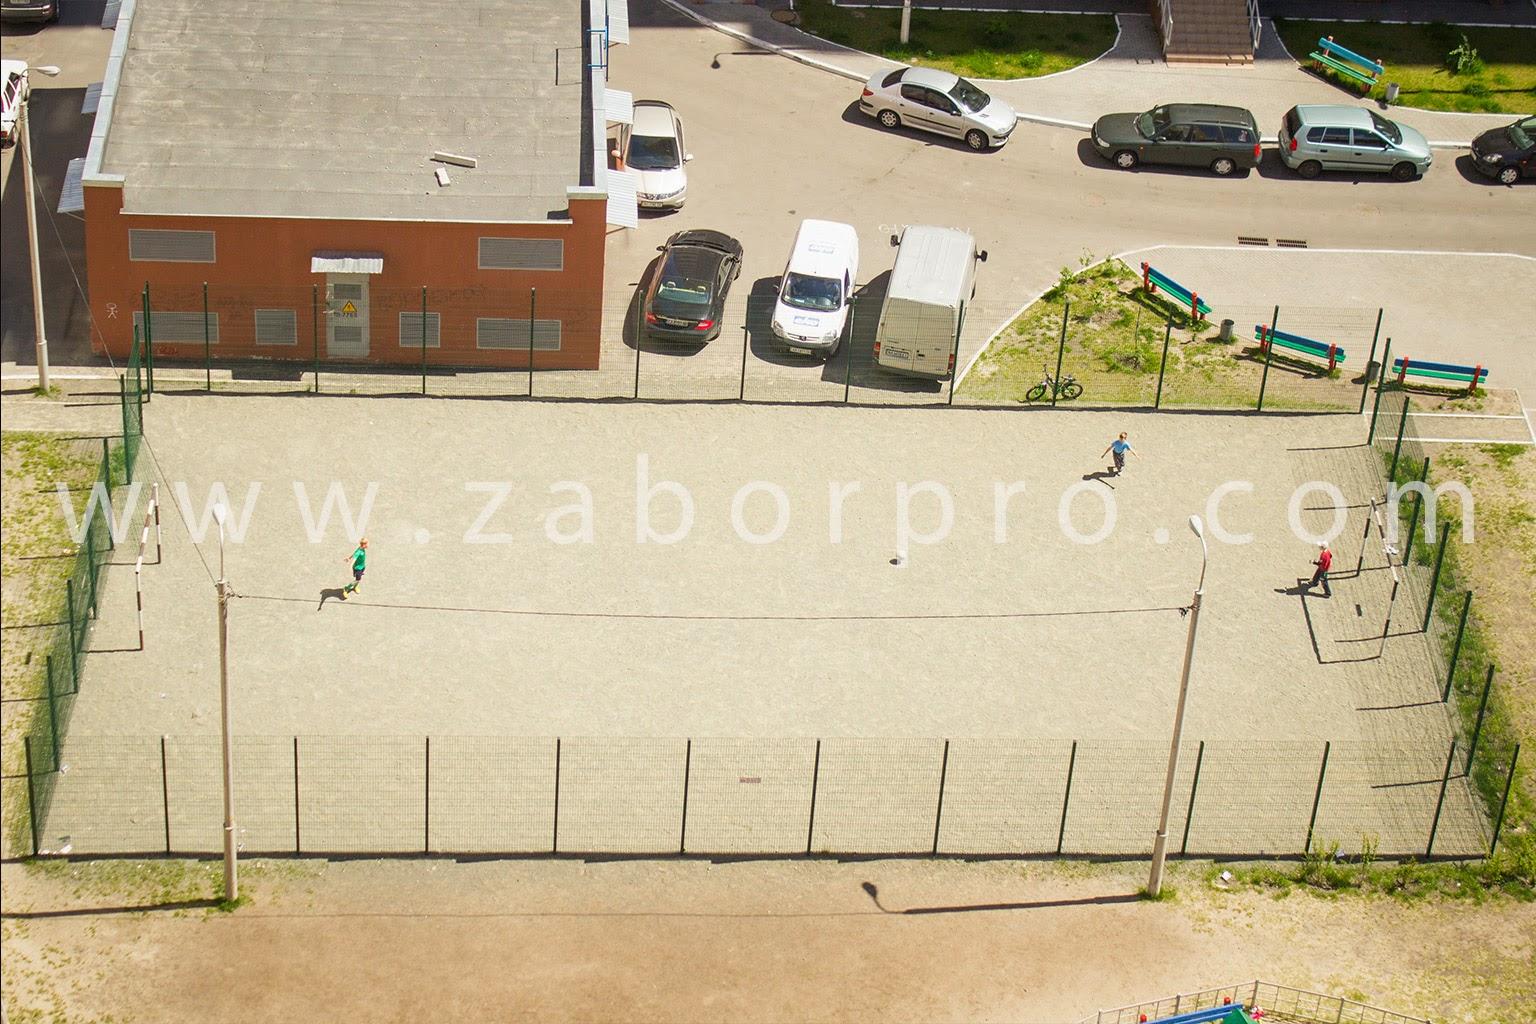 ограждение многоквартирного дома, спортивной и детской площадок-0022